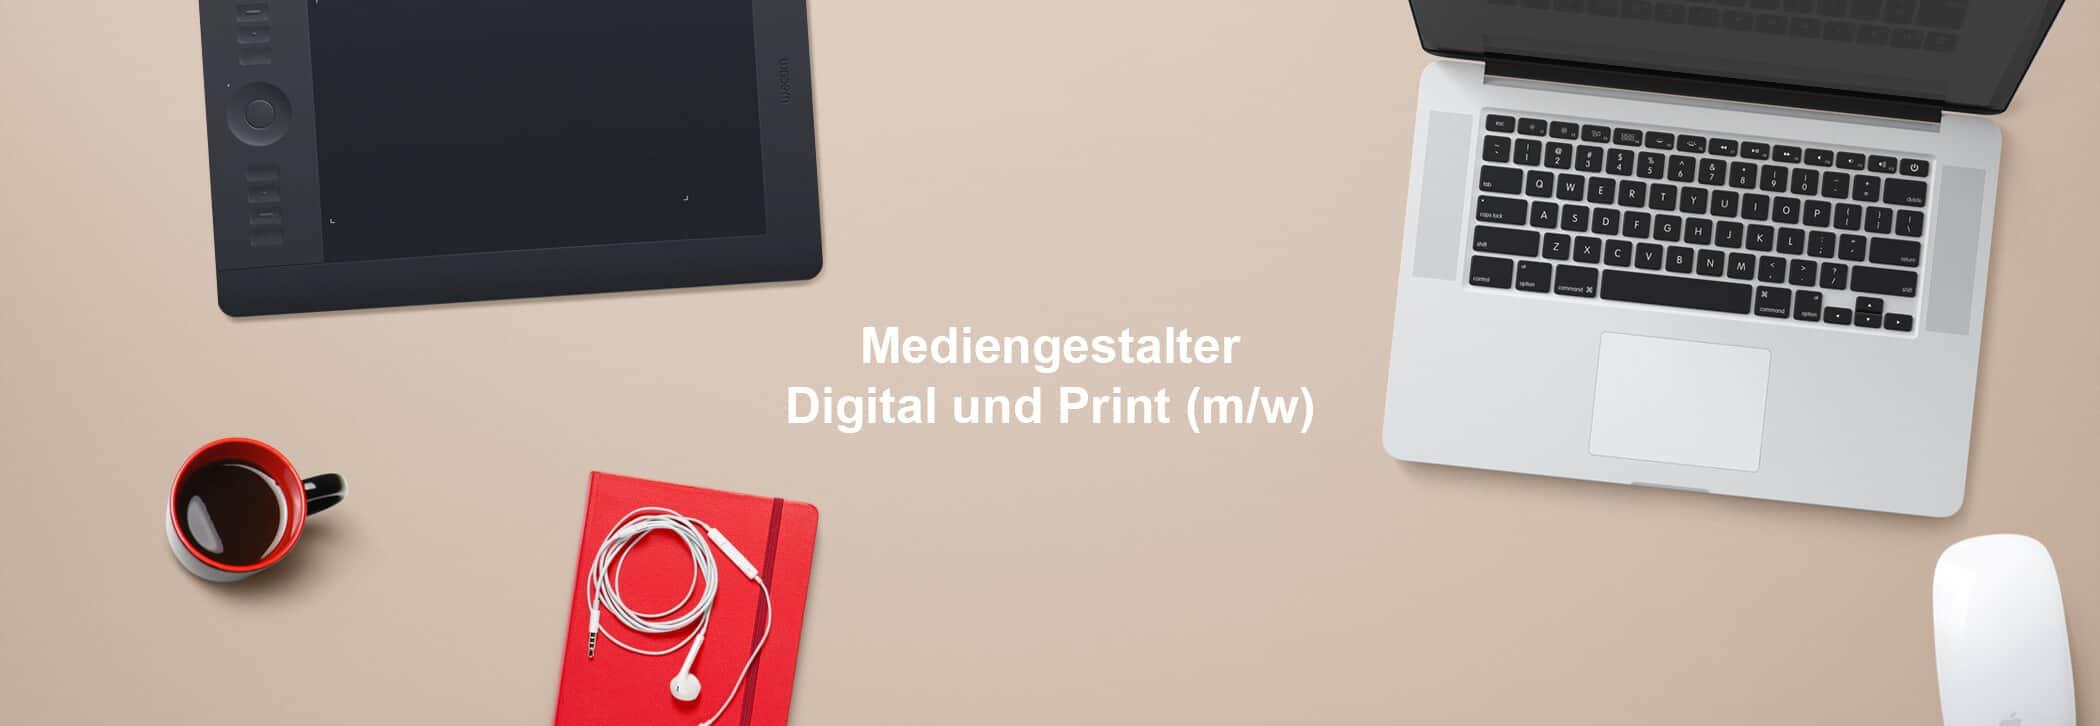 Mediengestalter Digital und Print (m/w)